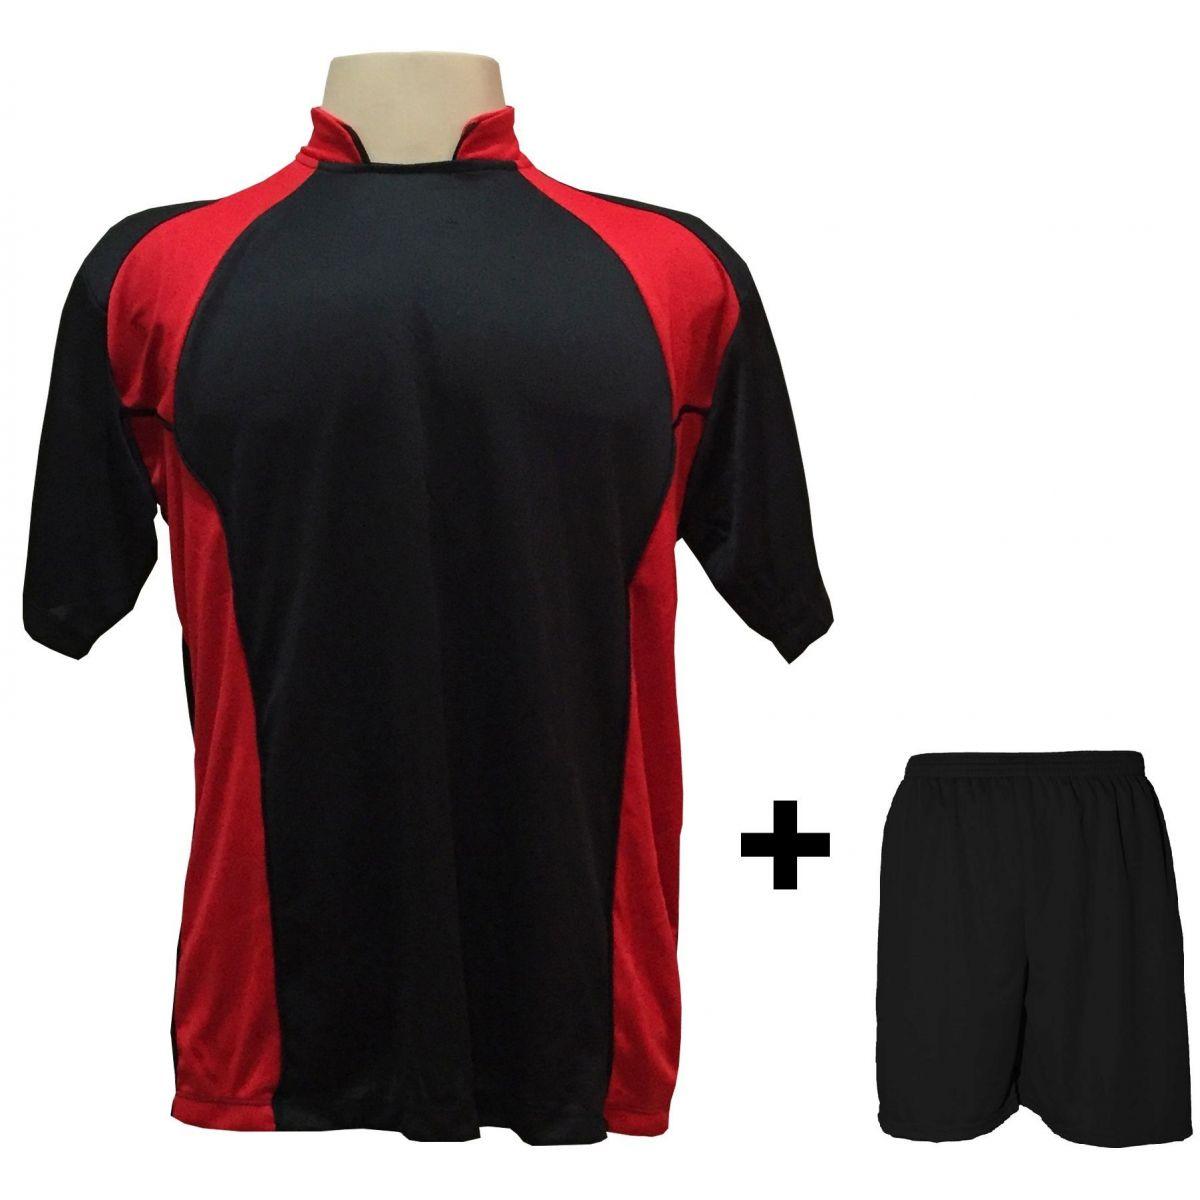 Uniforme Esportivo com 14 Camisas modelo Suécia Preto/Vermelho + 14 Calções modelo Madrid Preto